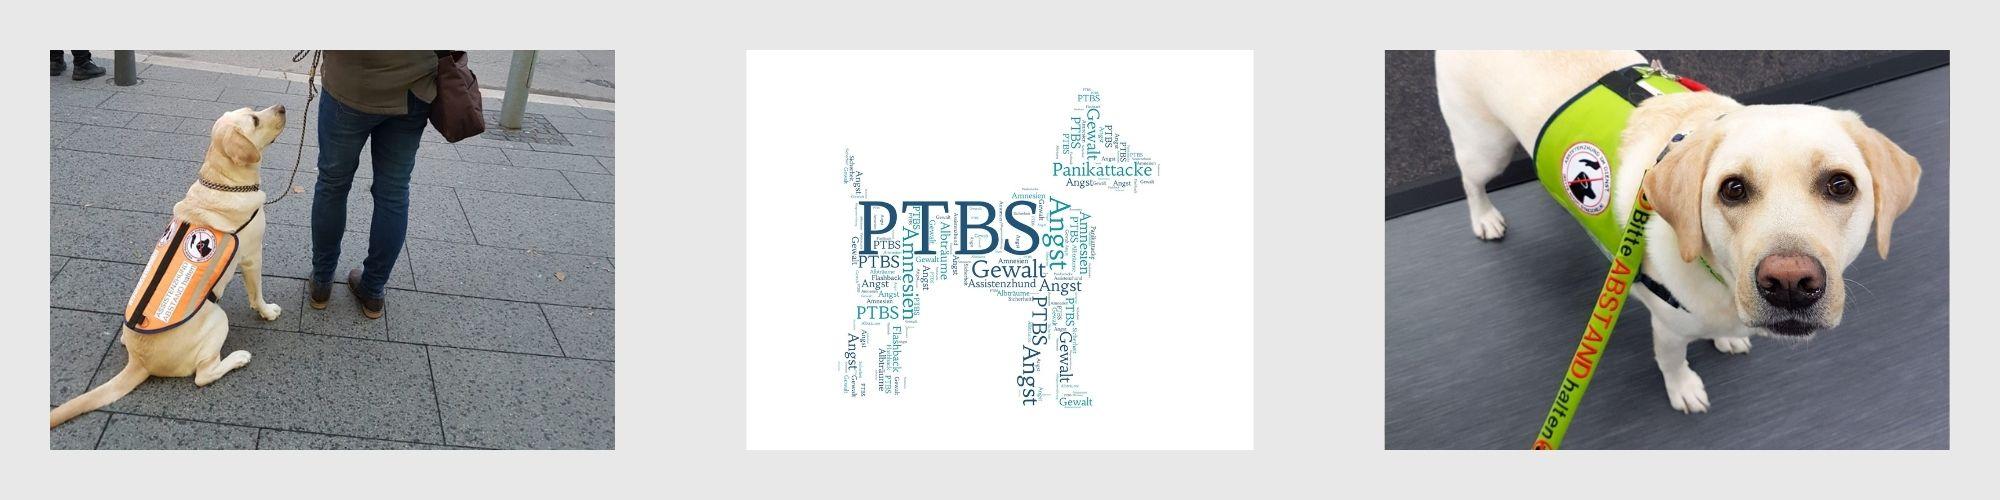 Ausbildung zum PTBS-Assistenzhund  Lernpfote e. V.